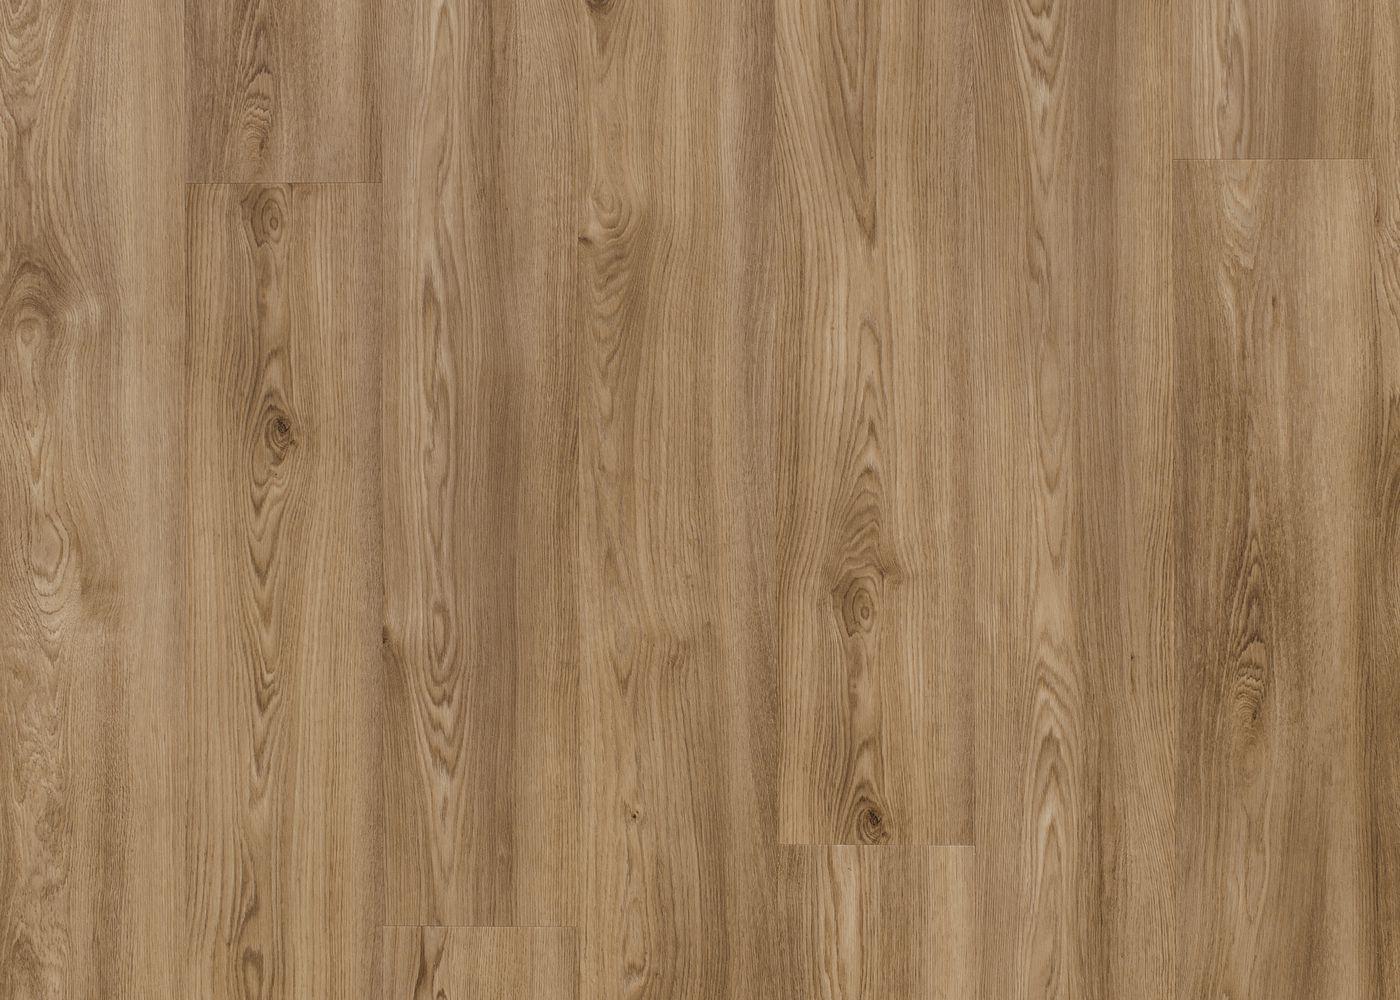 Lames vinyles passage residentiel clipsable 40 monolame g4 décor Chêne columbian 946m - couche d'usure 0,4mm Passage résidentiel